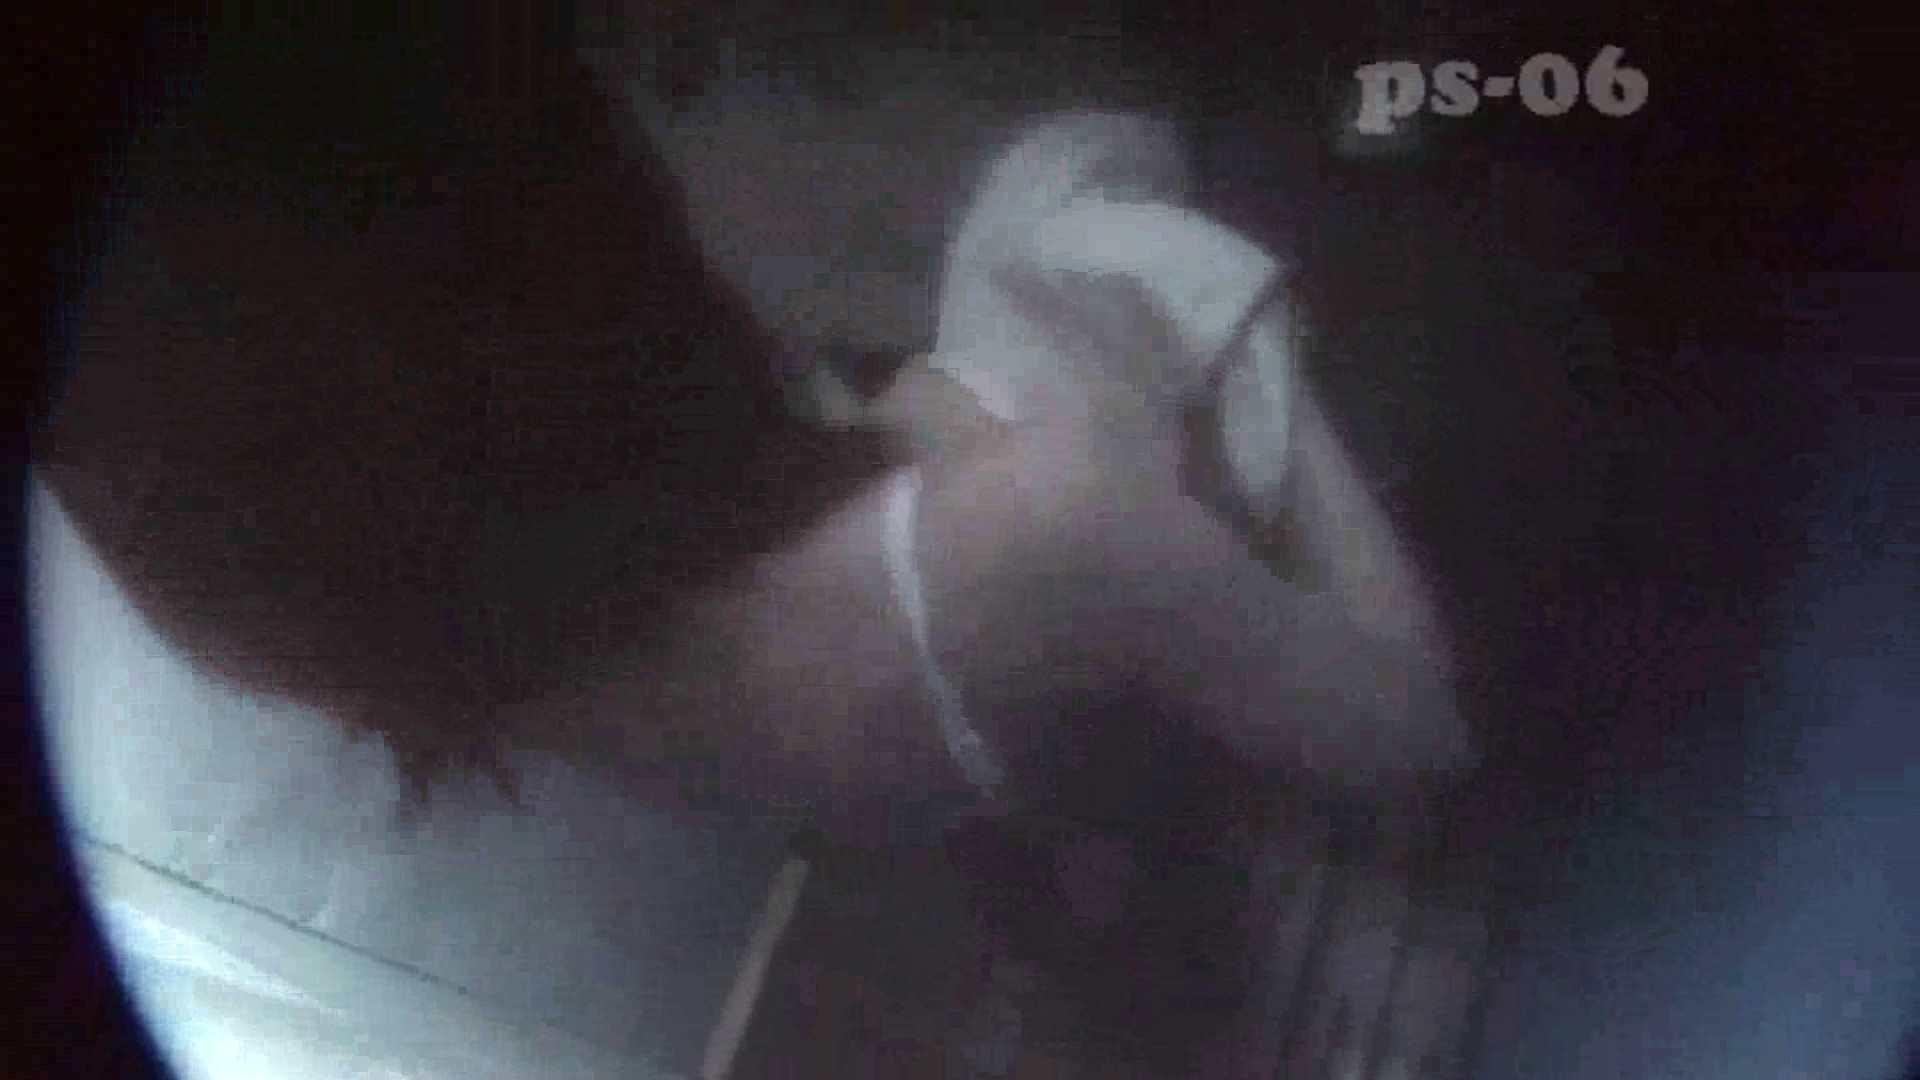 シャワールームは危険な香りVol.6(ハイビジョンサンプル版) 名人   盗撮  67画像 25